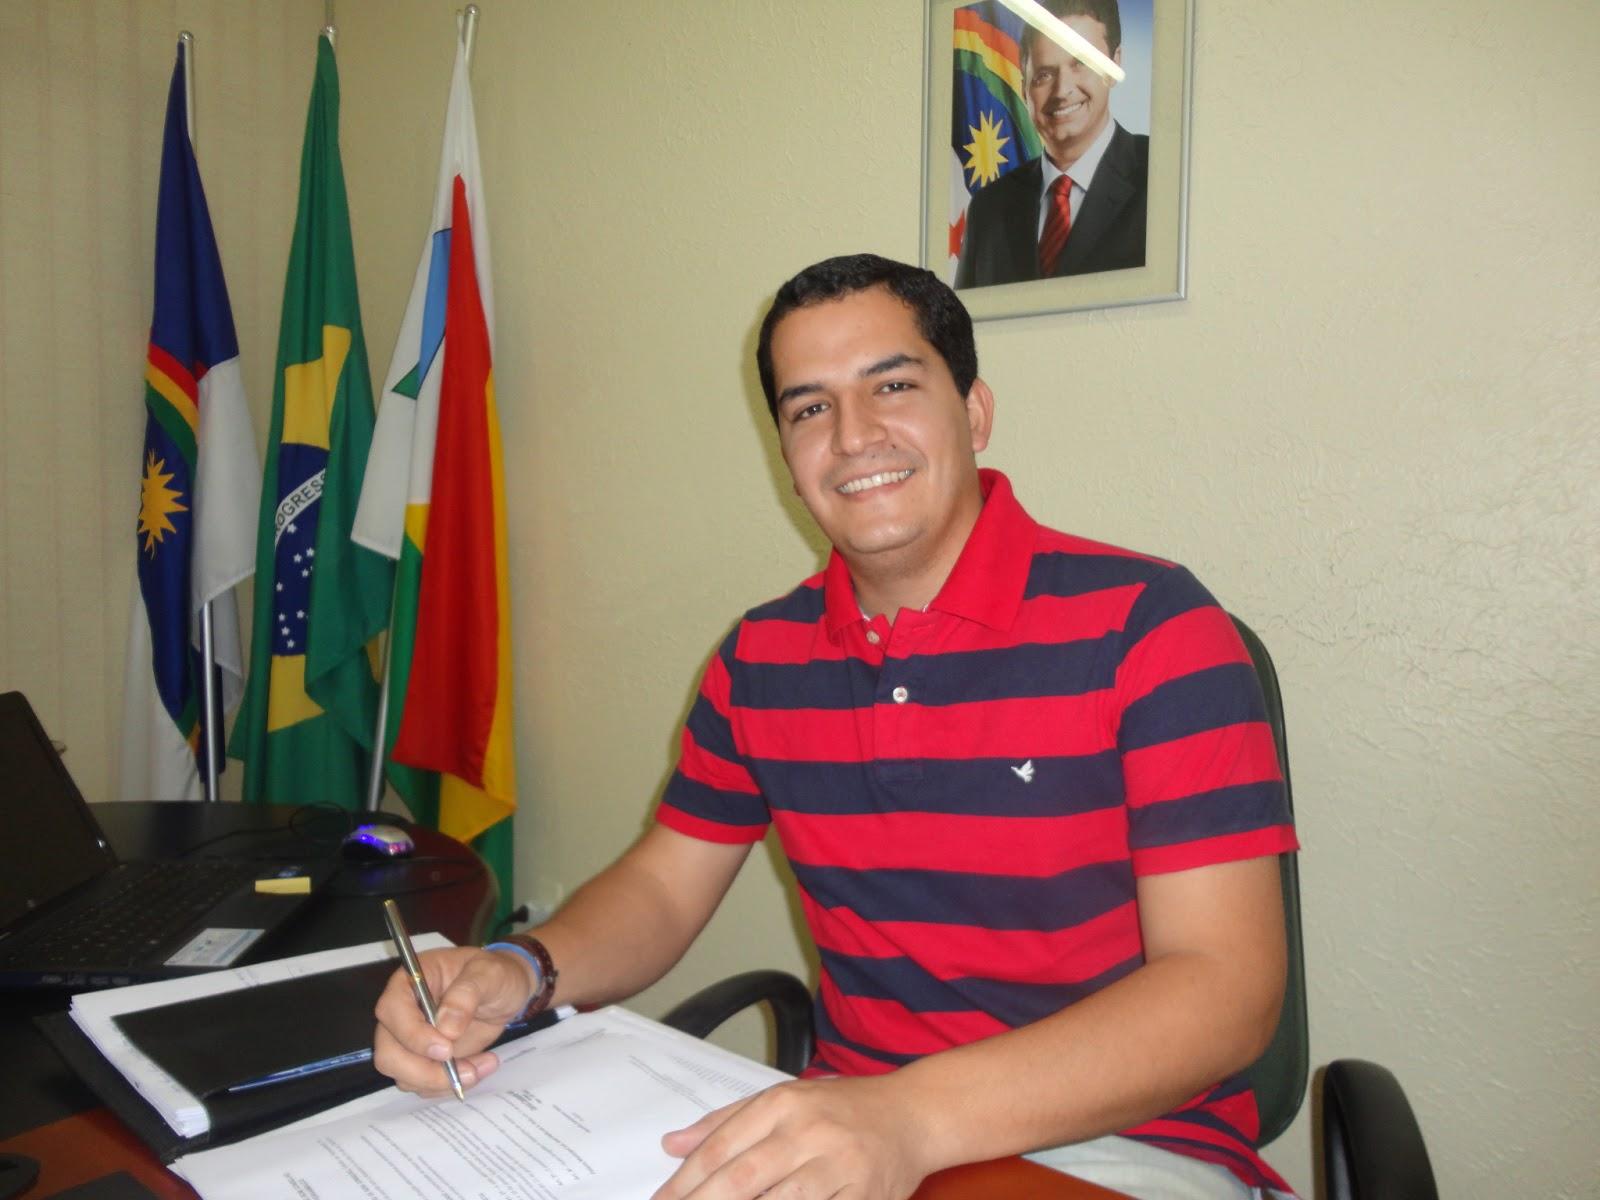 Resultado de imagem para prefeito danilo cavalcante de bom conselho pernambuco